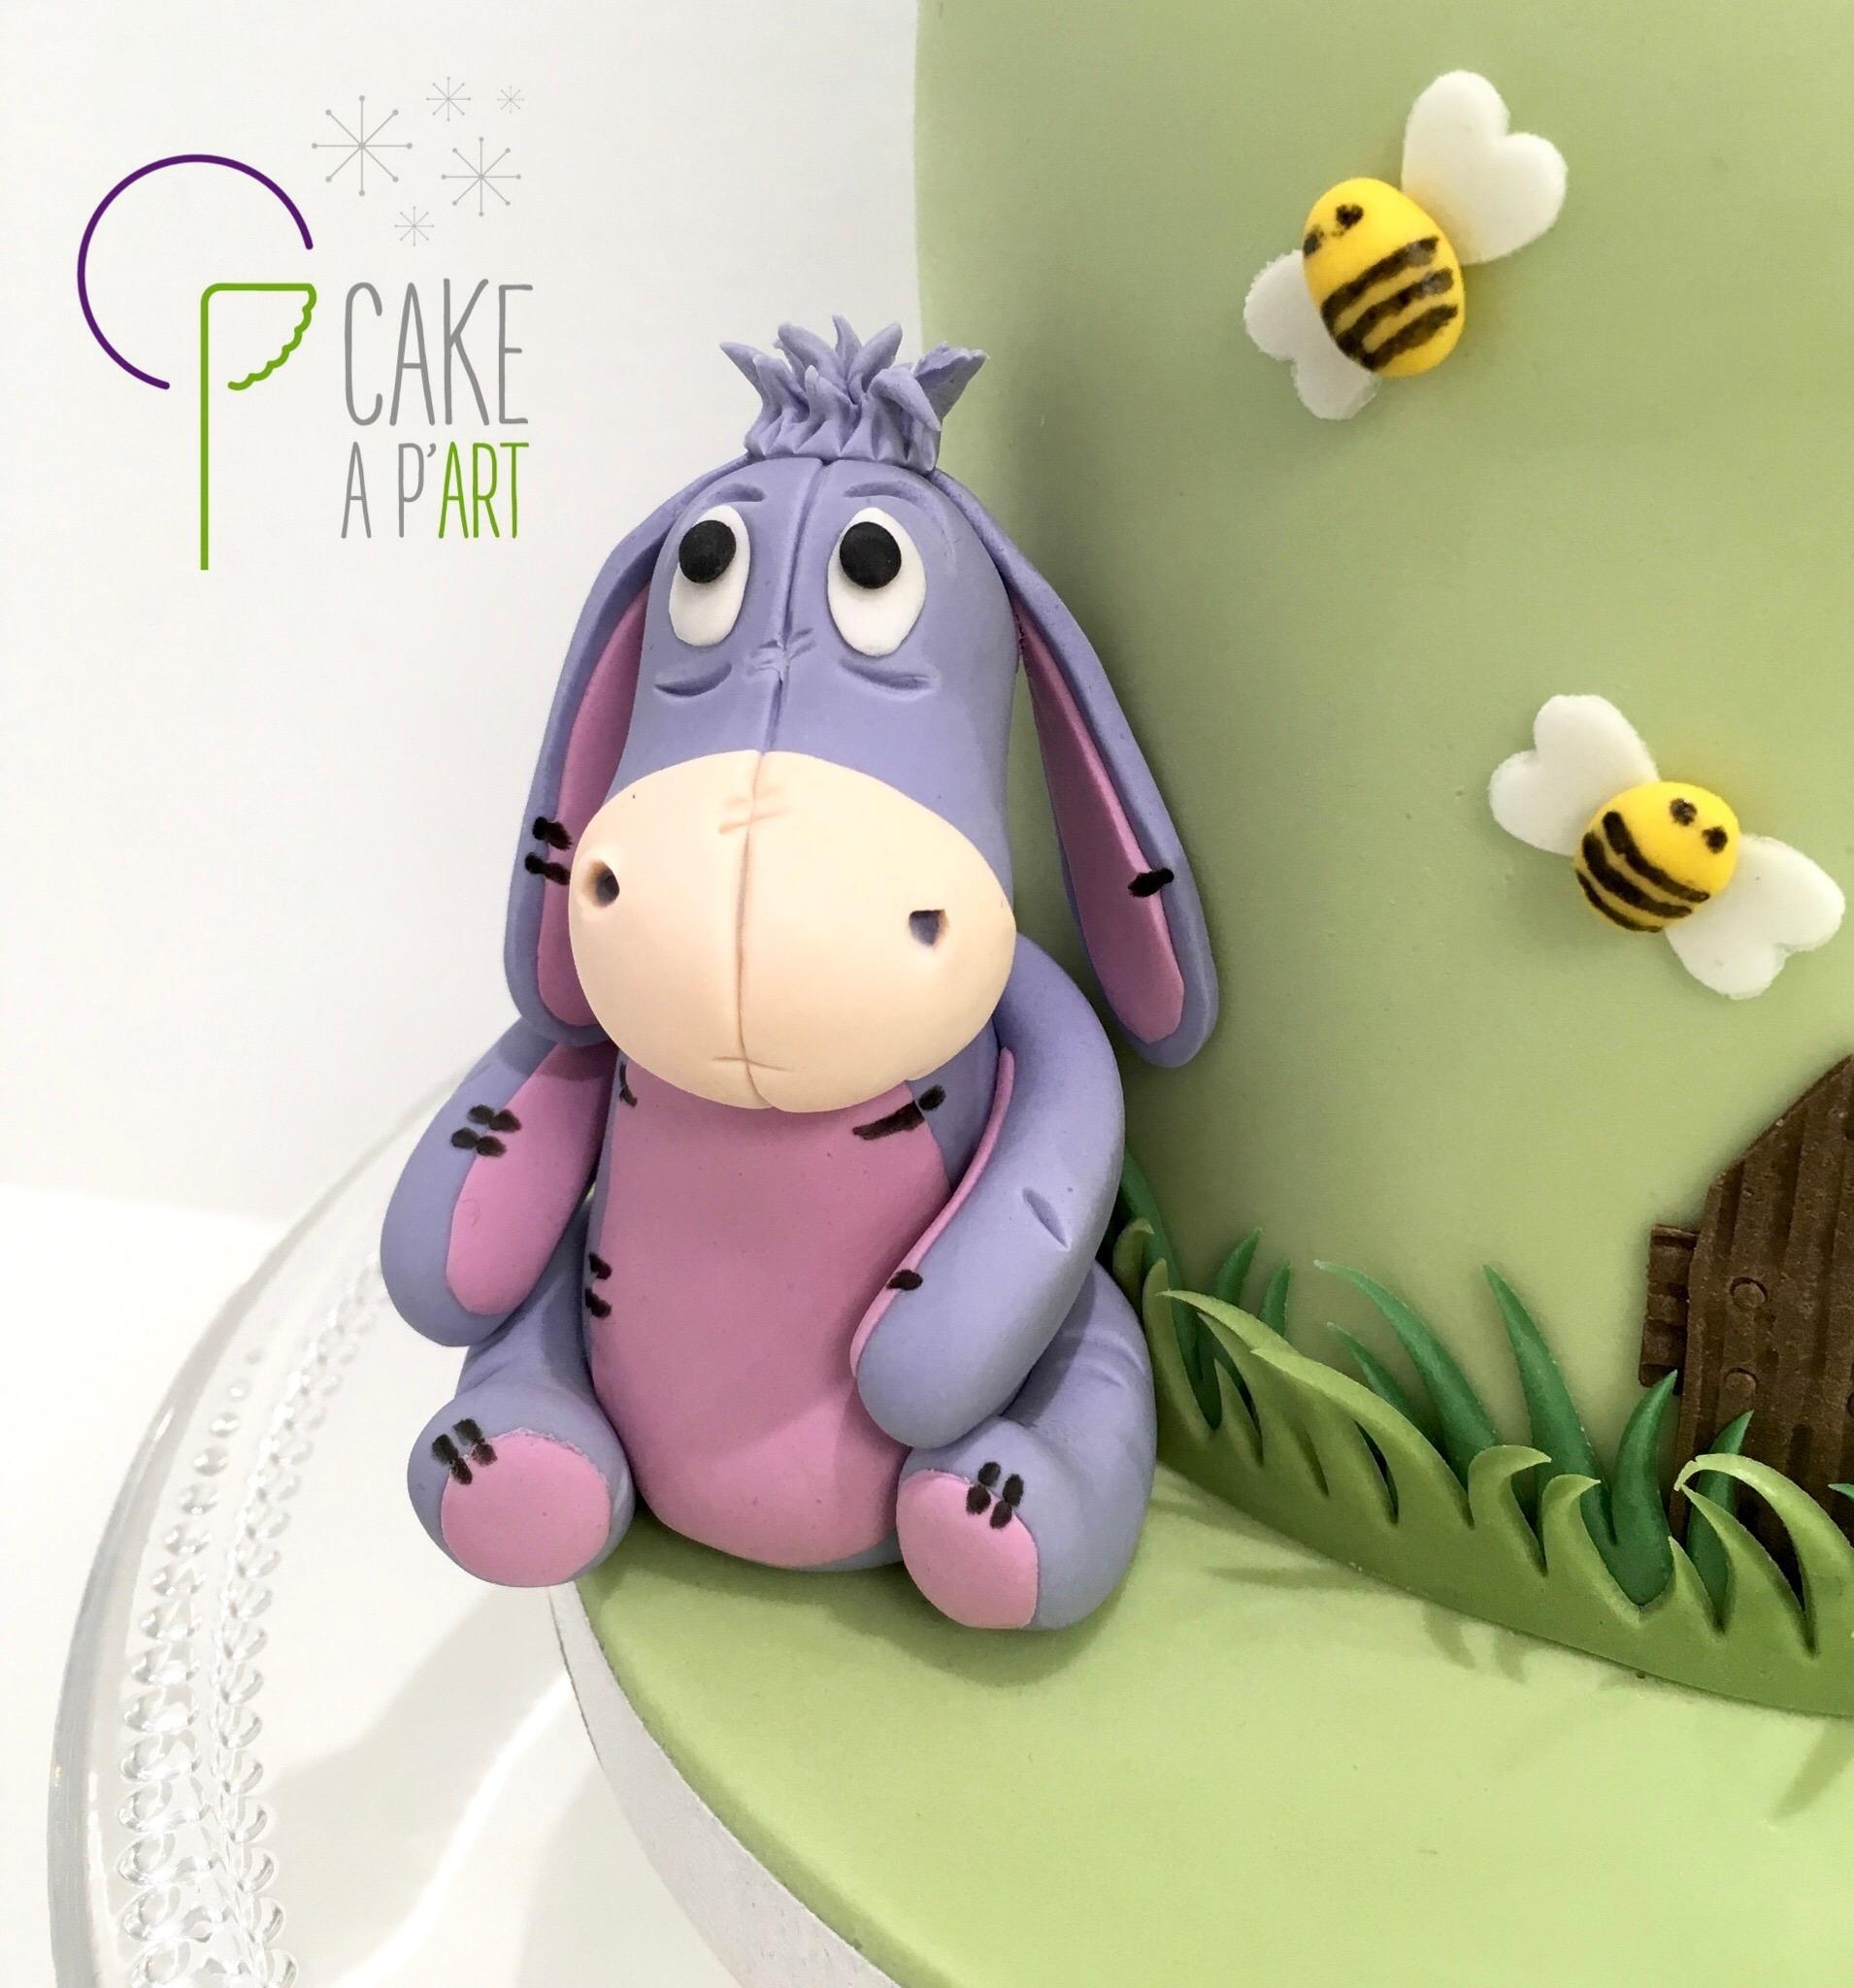 Décor modelage en sucre gâteaux personnalisés - Anniversaire Thème Winnie l'ourson Bourriquet